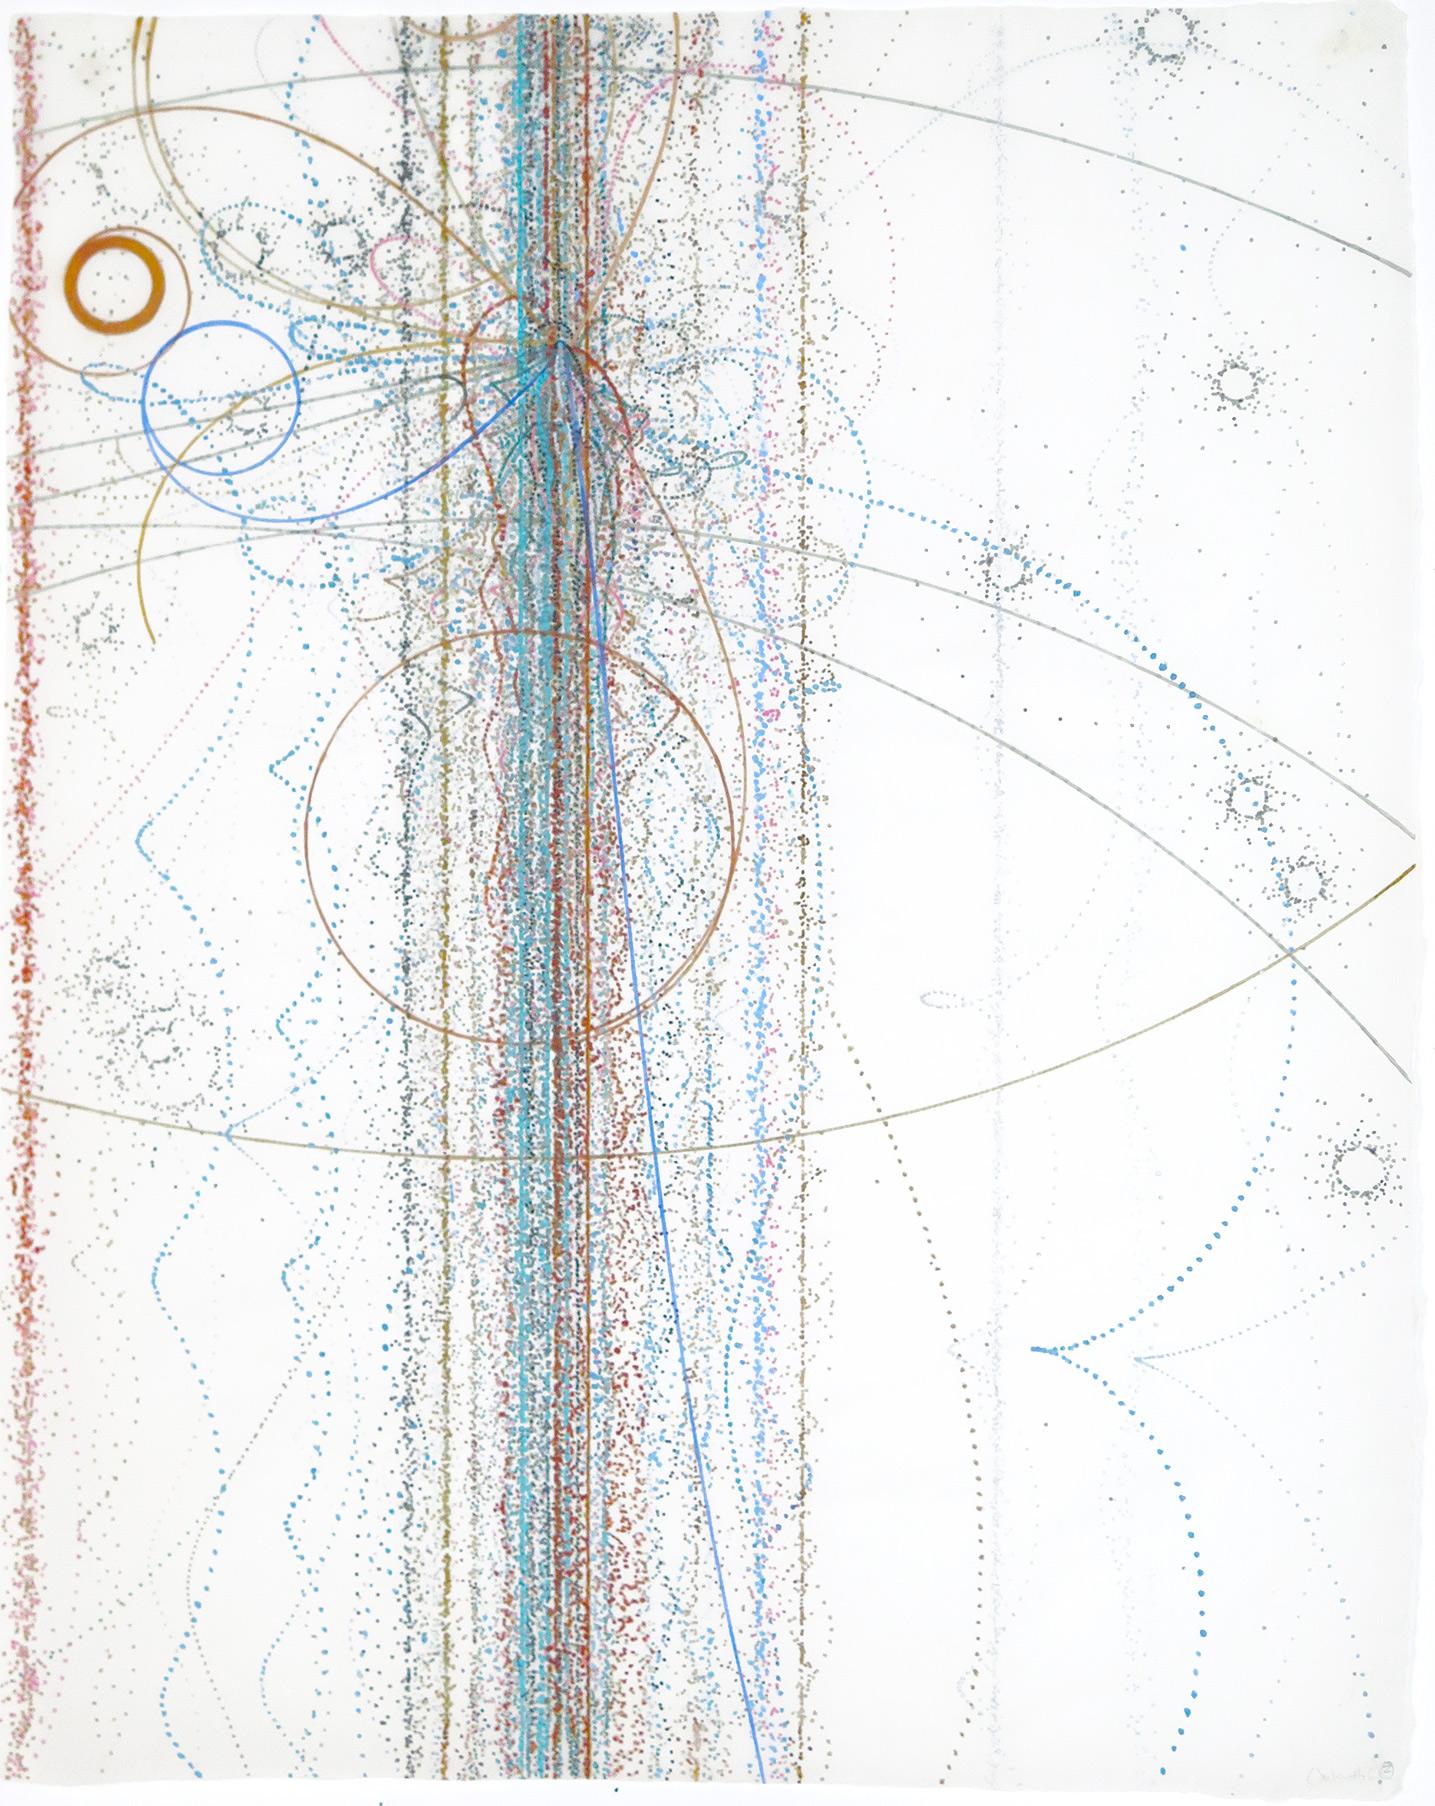 Electromagnetic Stream